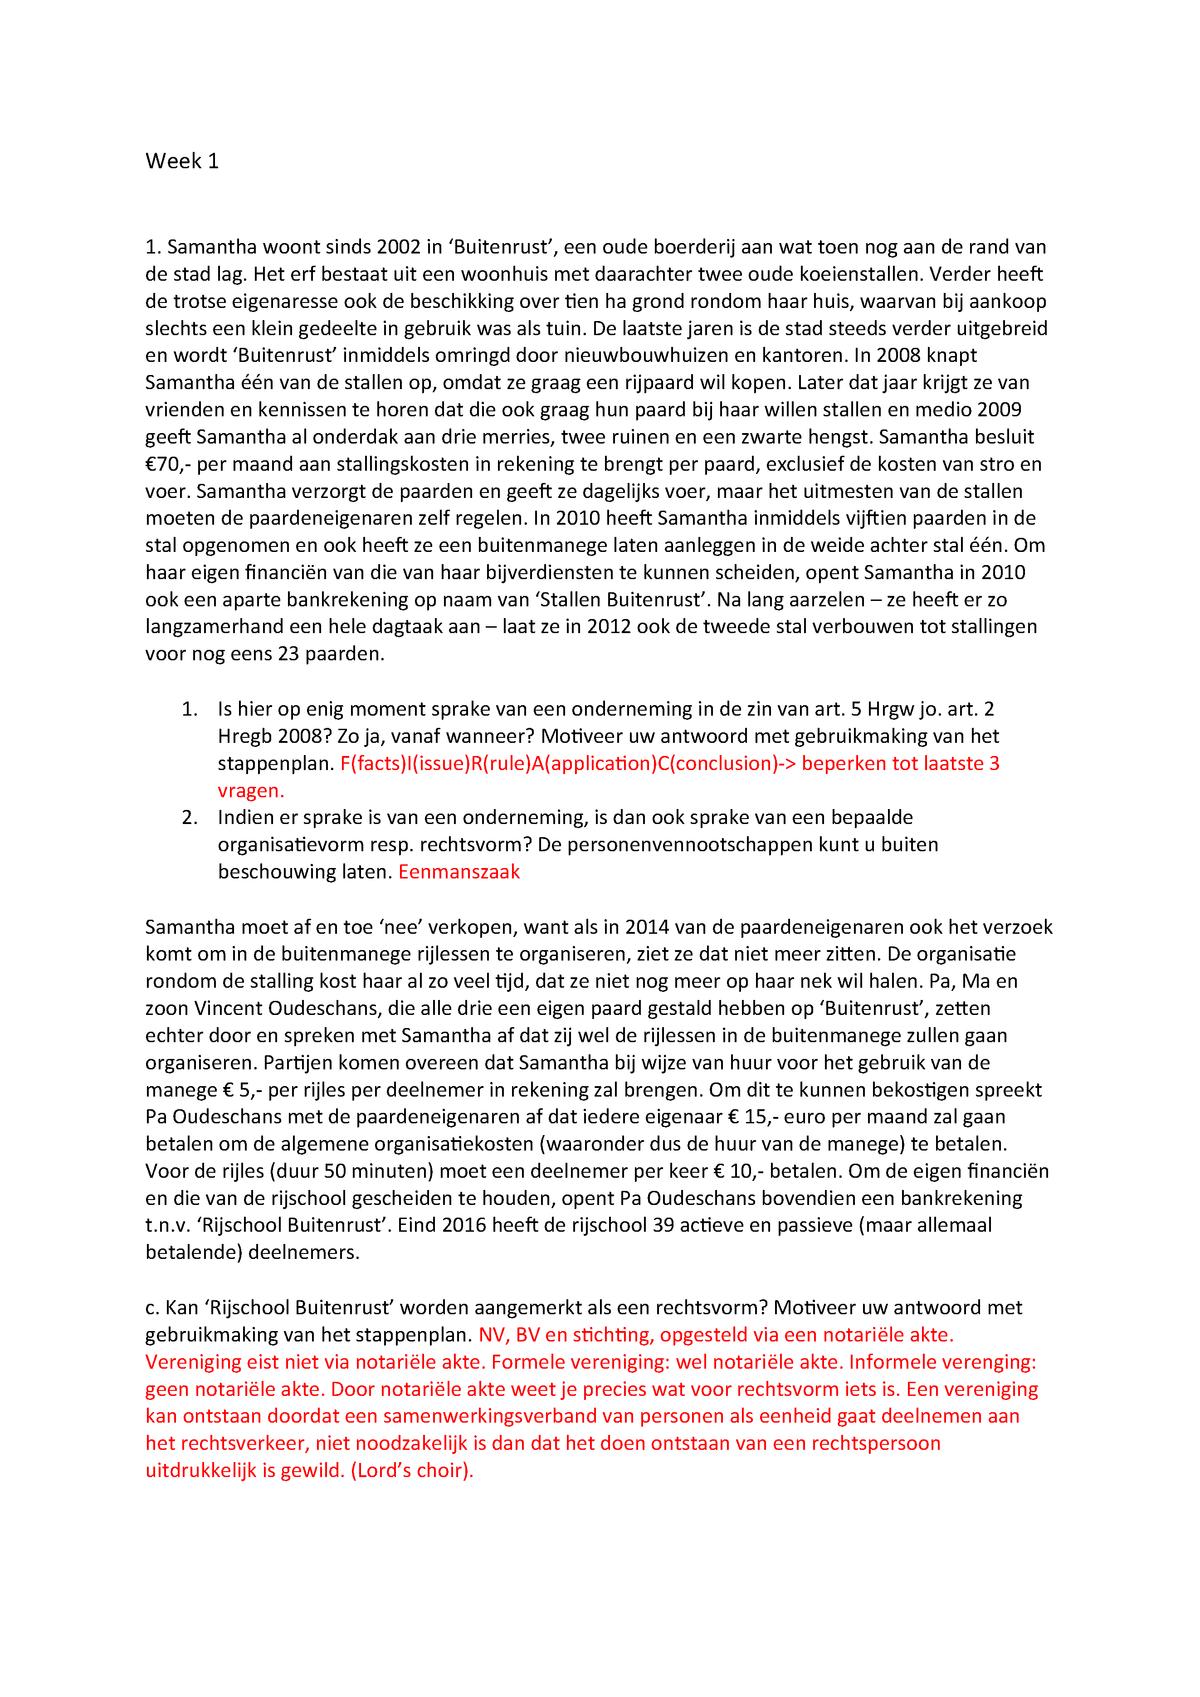 Werkgroep Week 1 Or Onderneming En Recht 22014002 Studocu